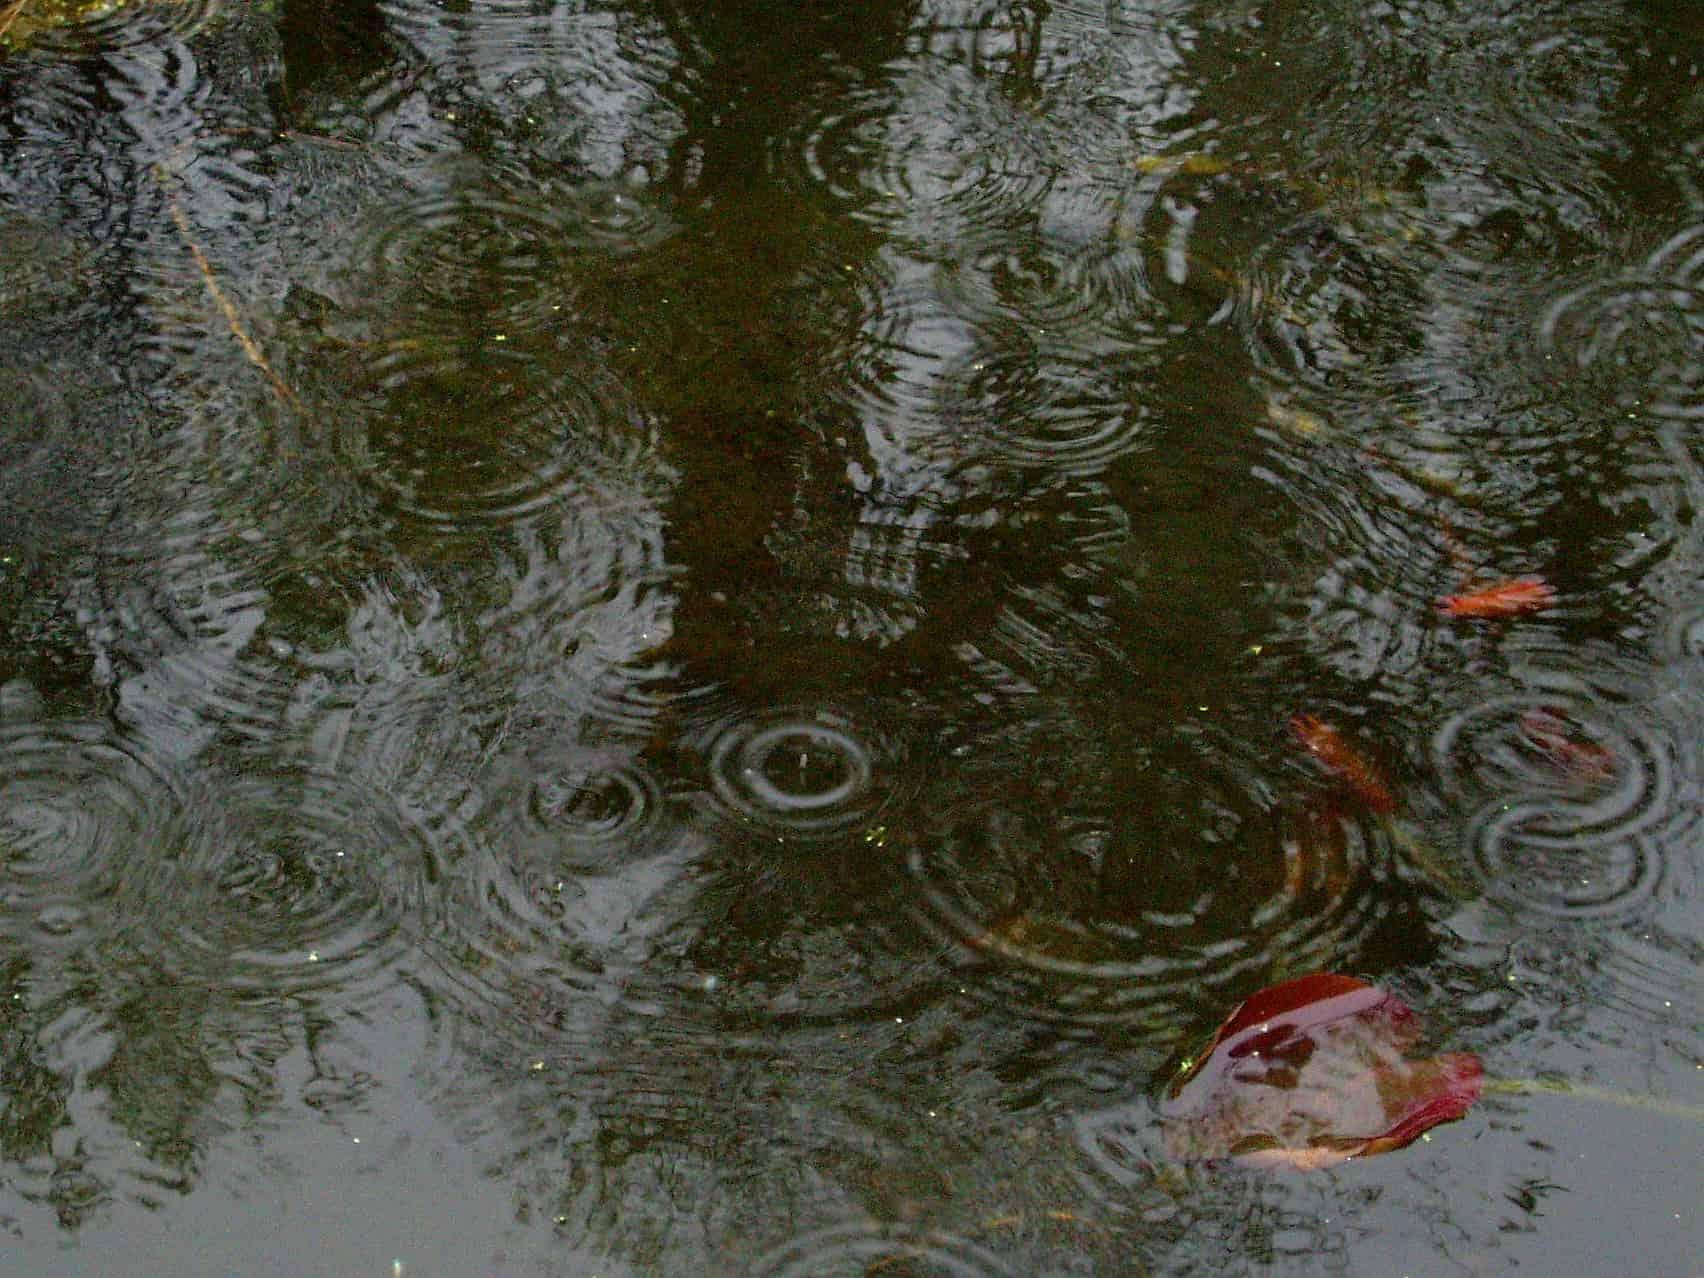 """Dimanche au soir, la région de Peshawar (nord-ouest du Pakistan) a été ciblée par des pluies diluviennes et des vents puissants pour ce qui s'apparente à un """"mini-cyclone"""", d'après un responsable météorologique local. Des toits de masures se sont effondrés, de même que des pylônes électriques, résultant en une coupure de courant à Peshawar. En […]"""